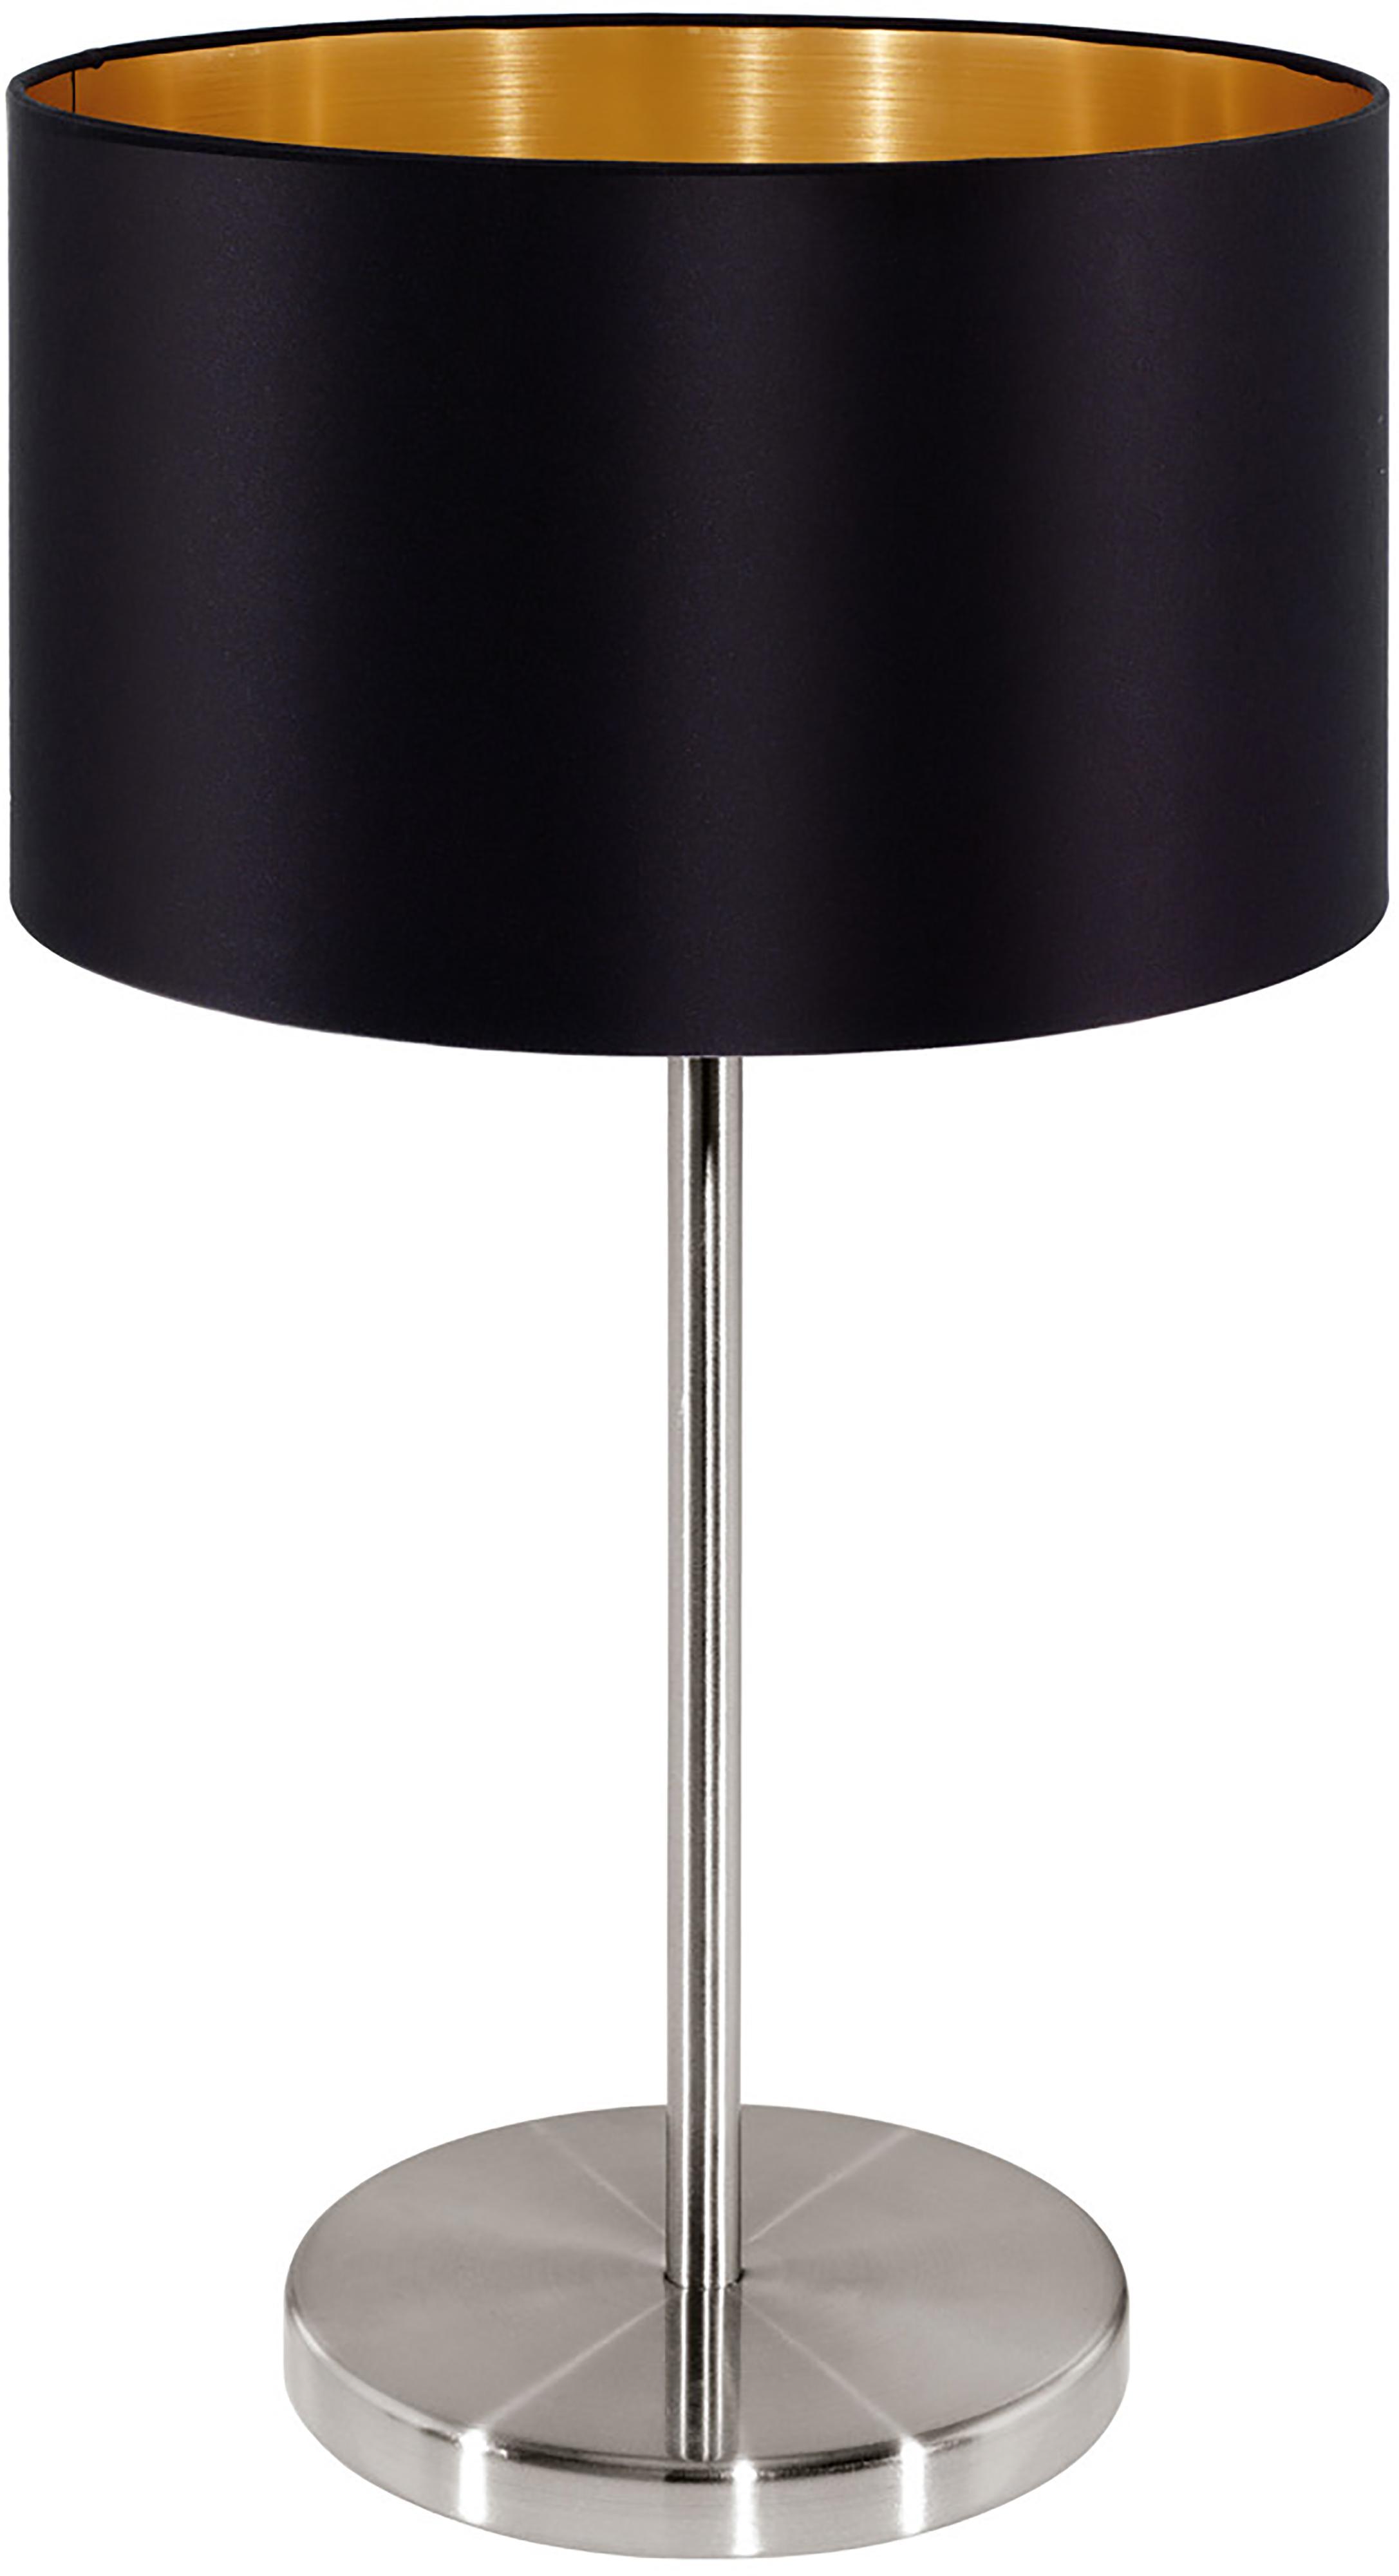 Lampada da tavolo Jamie, Base della lampada: metallo nichelato, Nero, argentato, Ø 23 x Alt. 42 cm